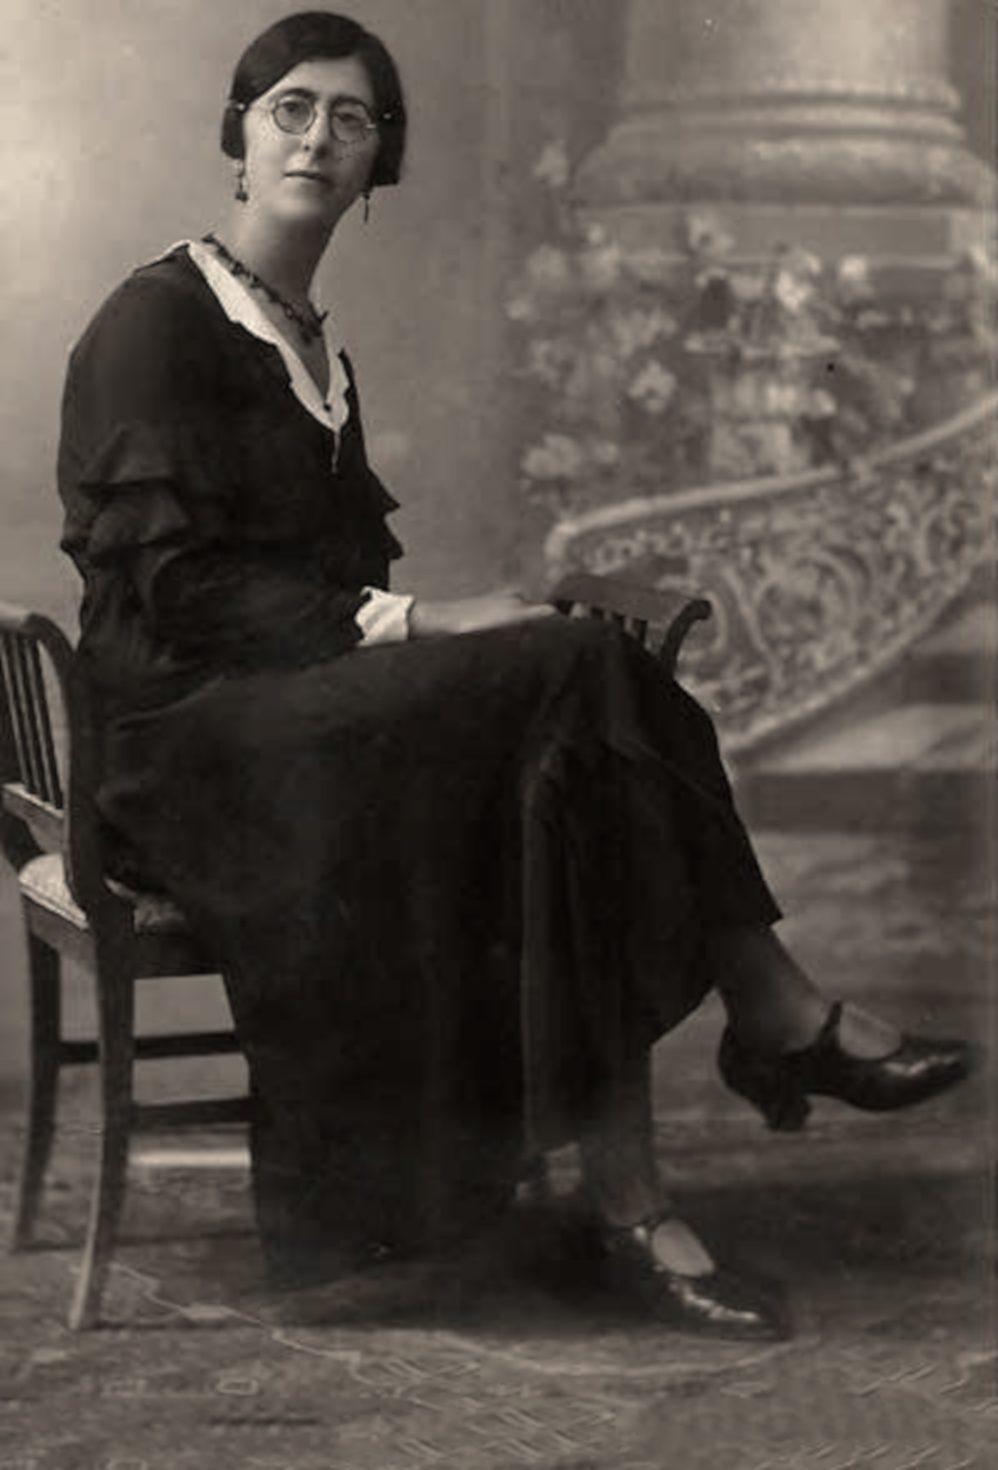 Jawhara-Kawar-Fondatrice-dellistituto-femminile-_Il-rinascimento__Nazareth_1937